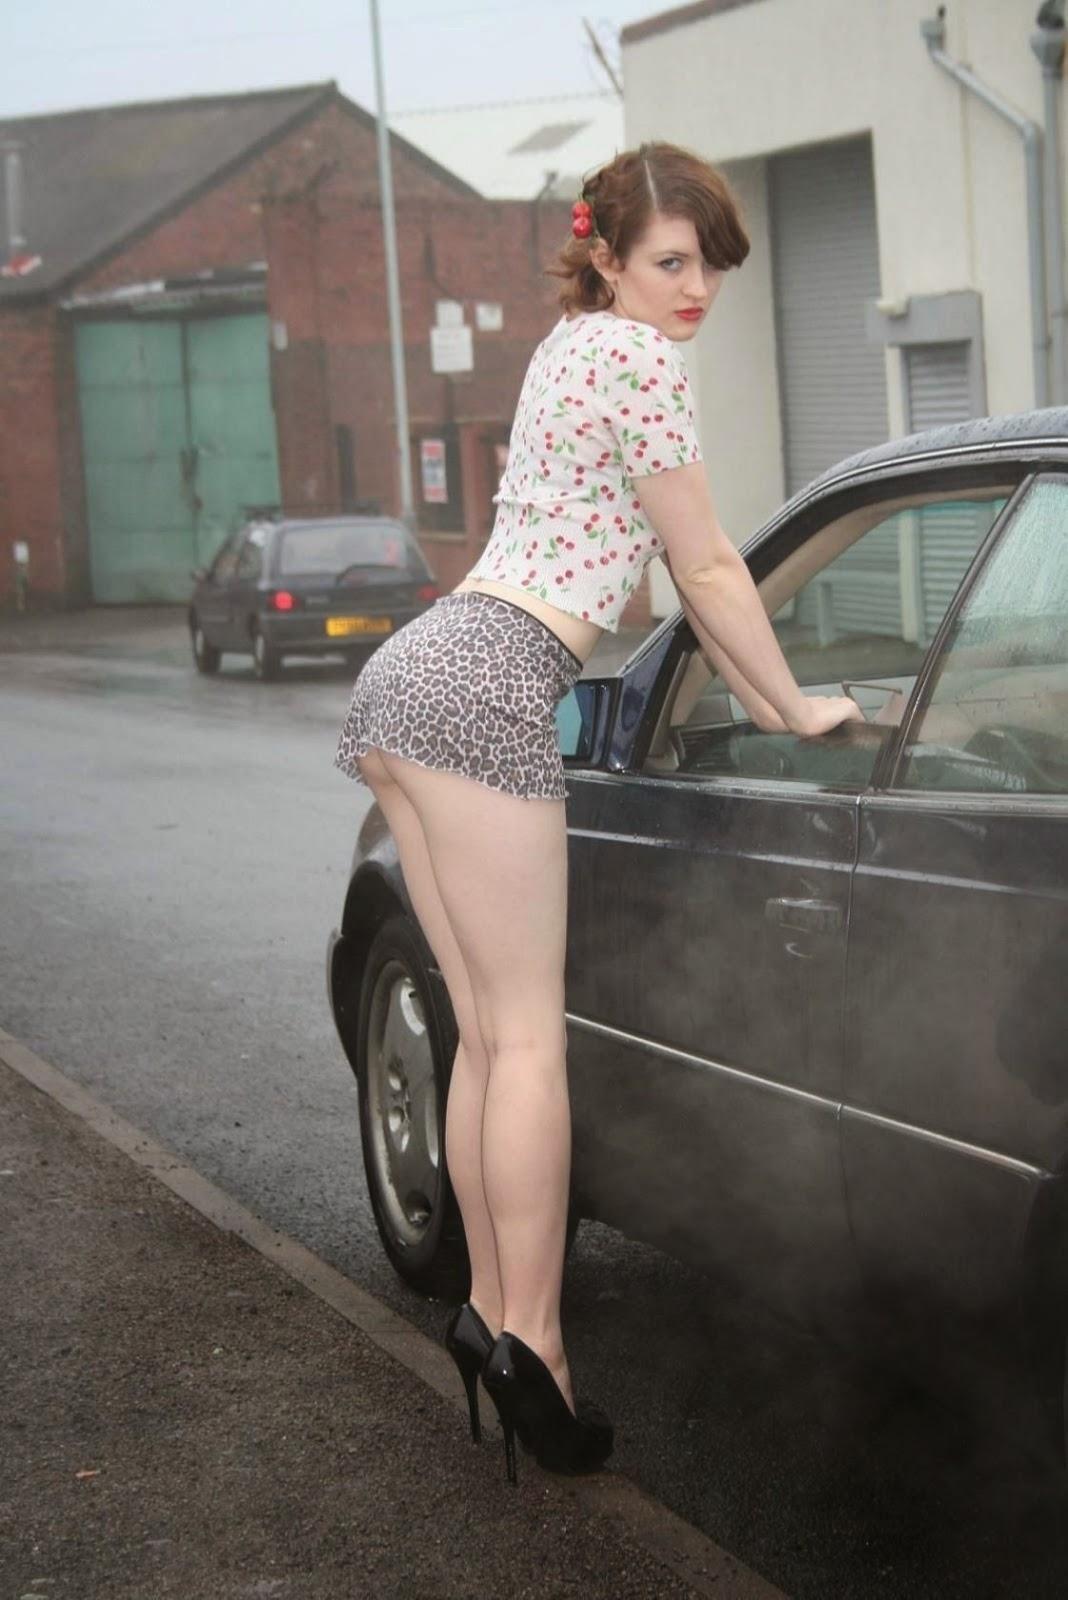 rostitucion experiencias con prostitutas